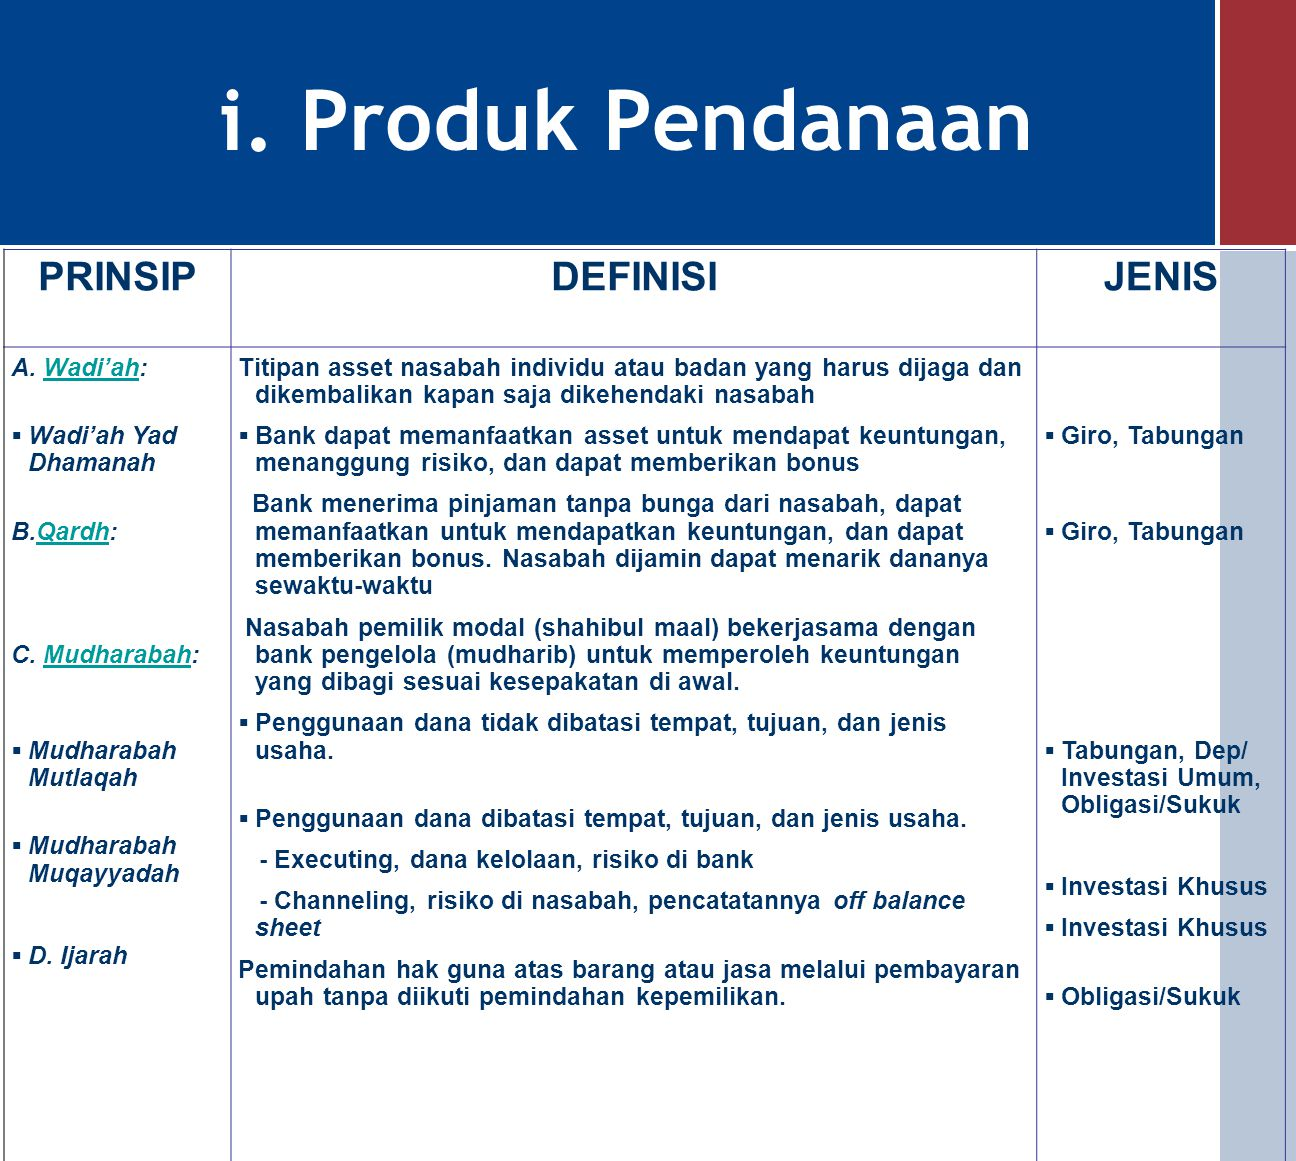 Alur Operasi Bank Syariah Wadiah Yad Dhamanah Mudharabah Mutlaqah (Investasi Tdk Terikat) Ijarah, Modal, dll Prinsip Bagi Hasil Prinsip Jual Beli Prin